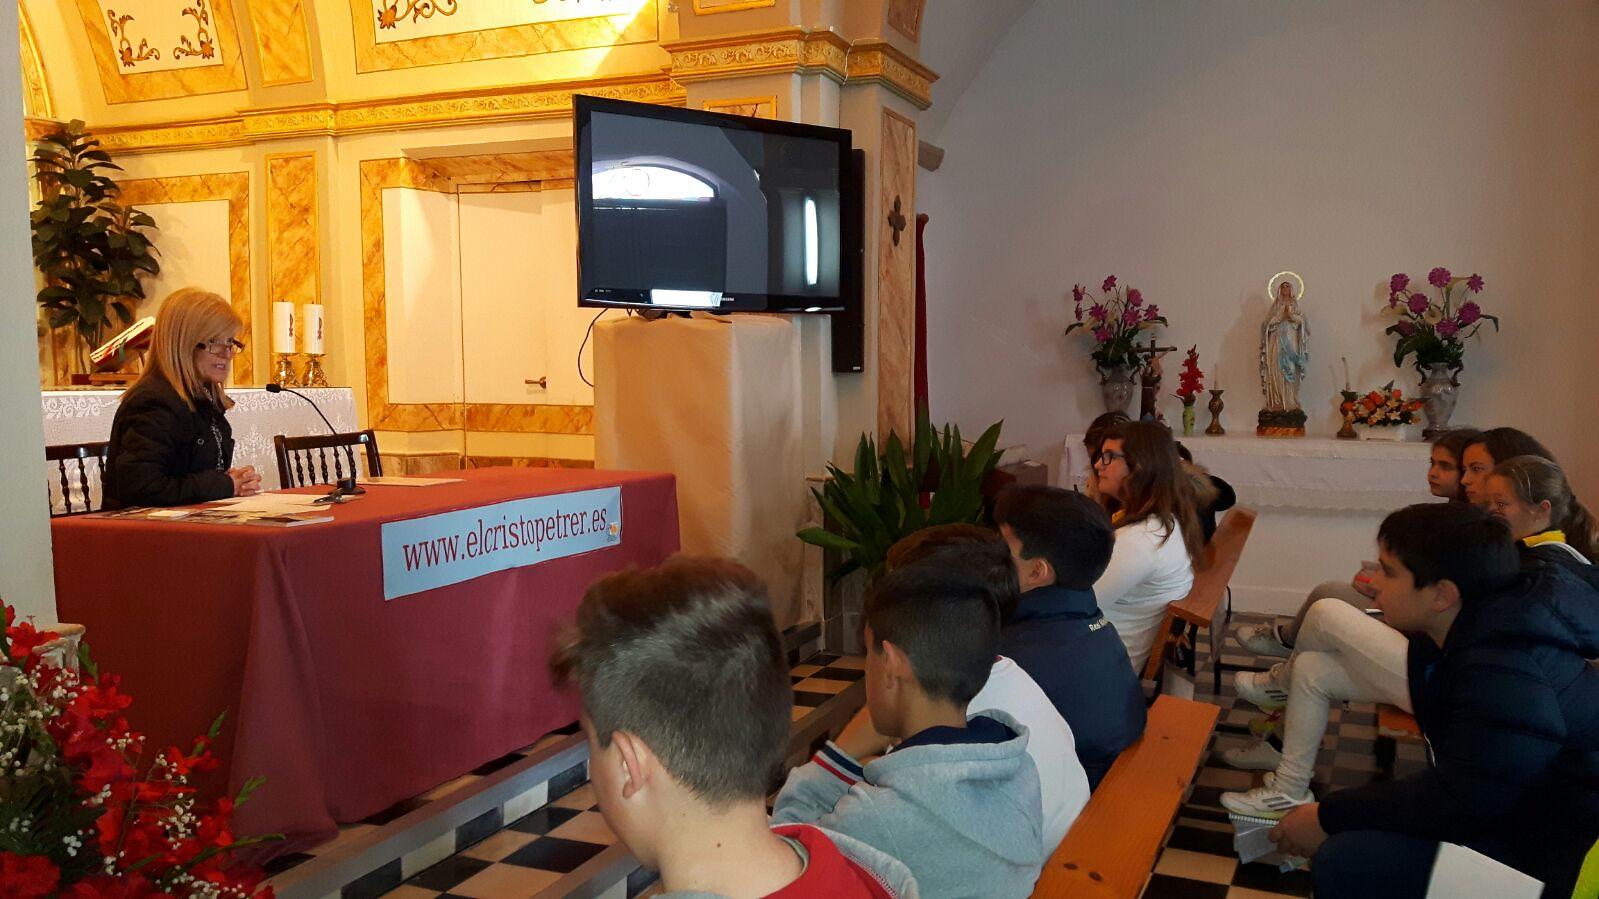 (2016-03-18) - aVisita ermita alumnos Pilar, profesora religión 9´Octubre - María Isabel Berenguer Brotons (07)